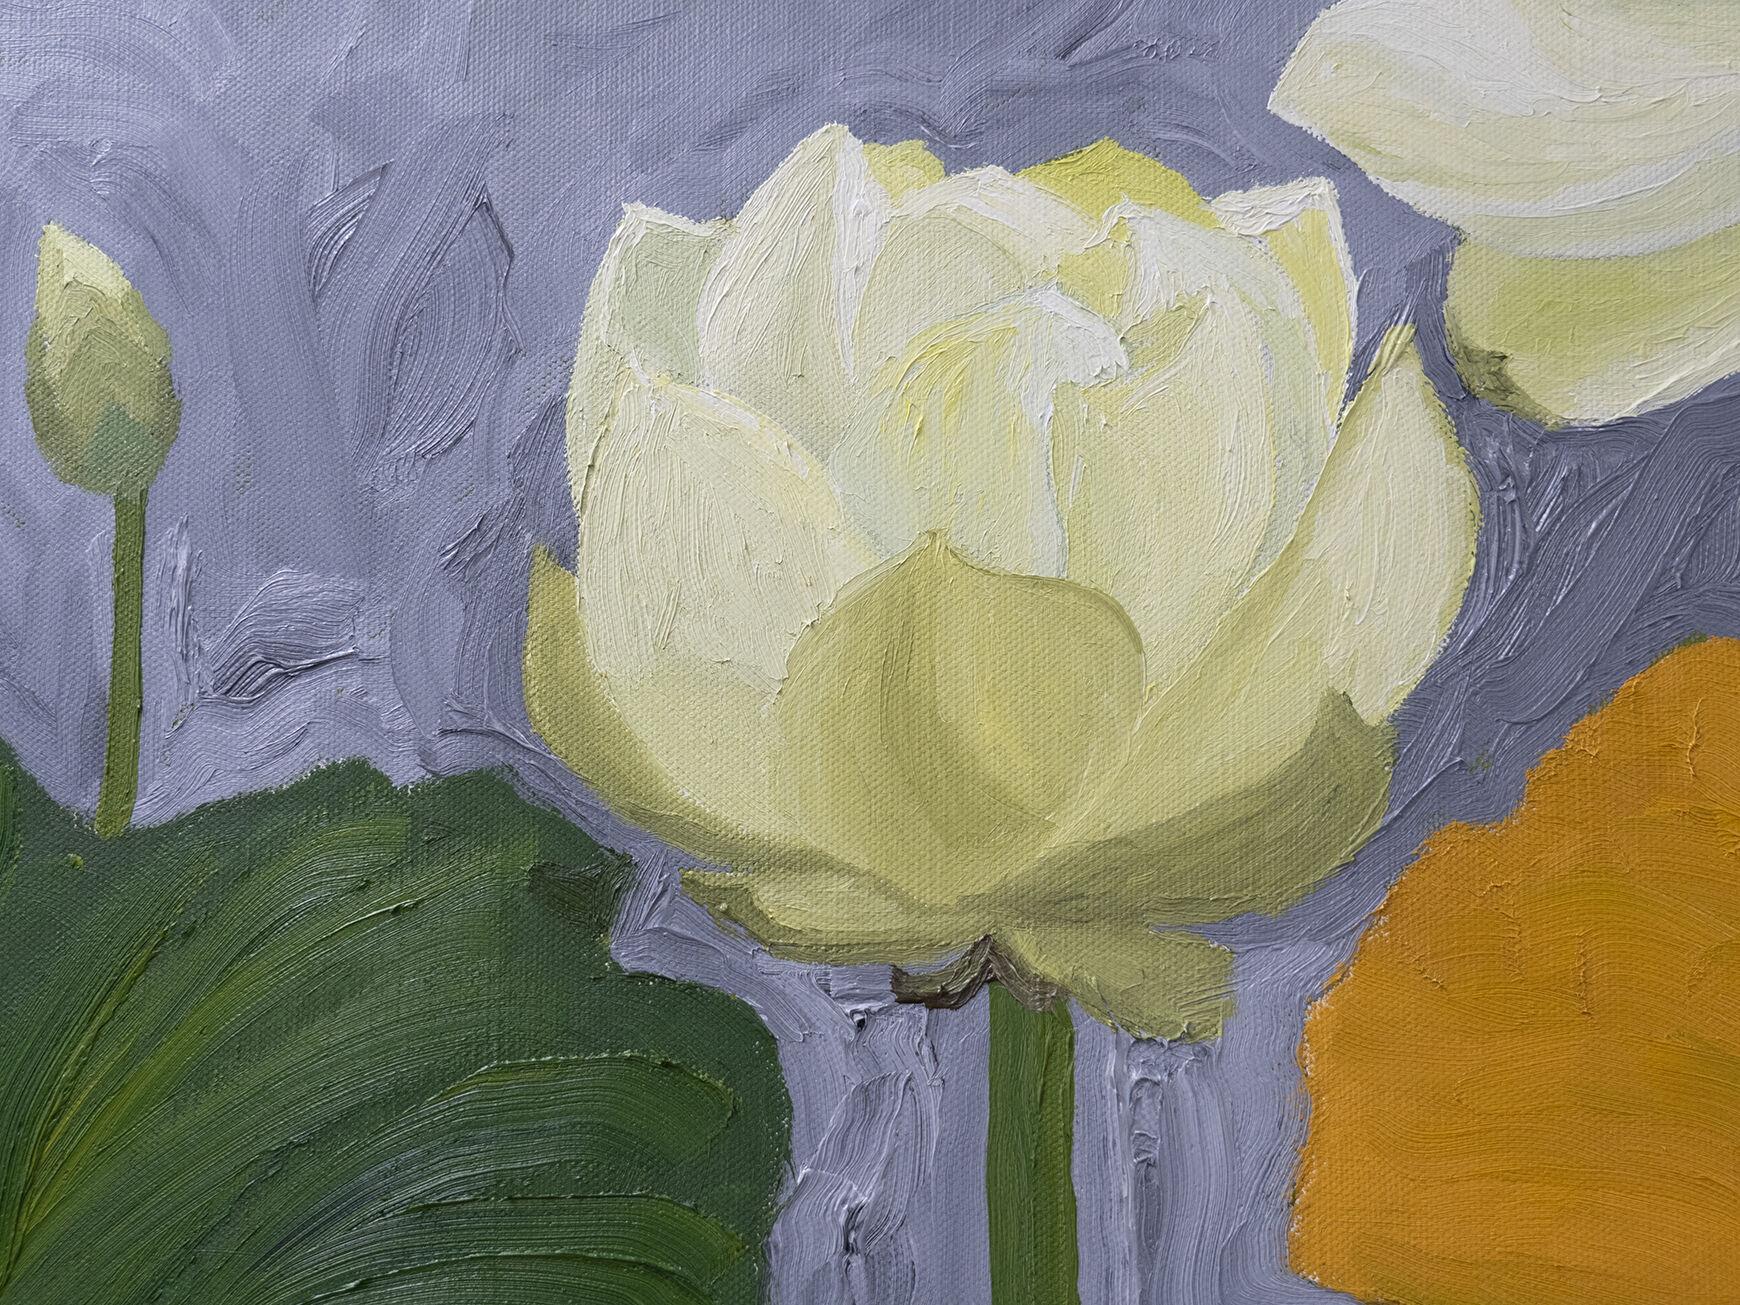 1-lihong-zhang-lotus-flower-series-no-10-2